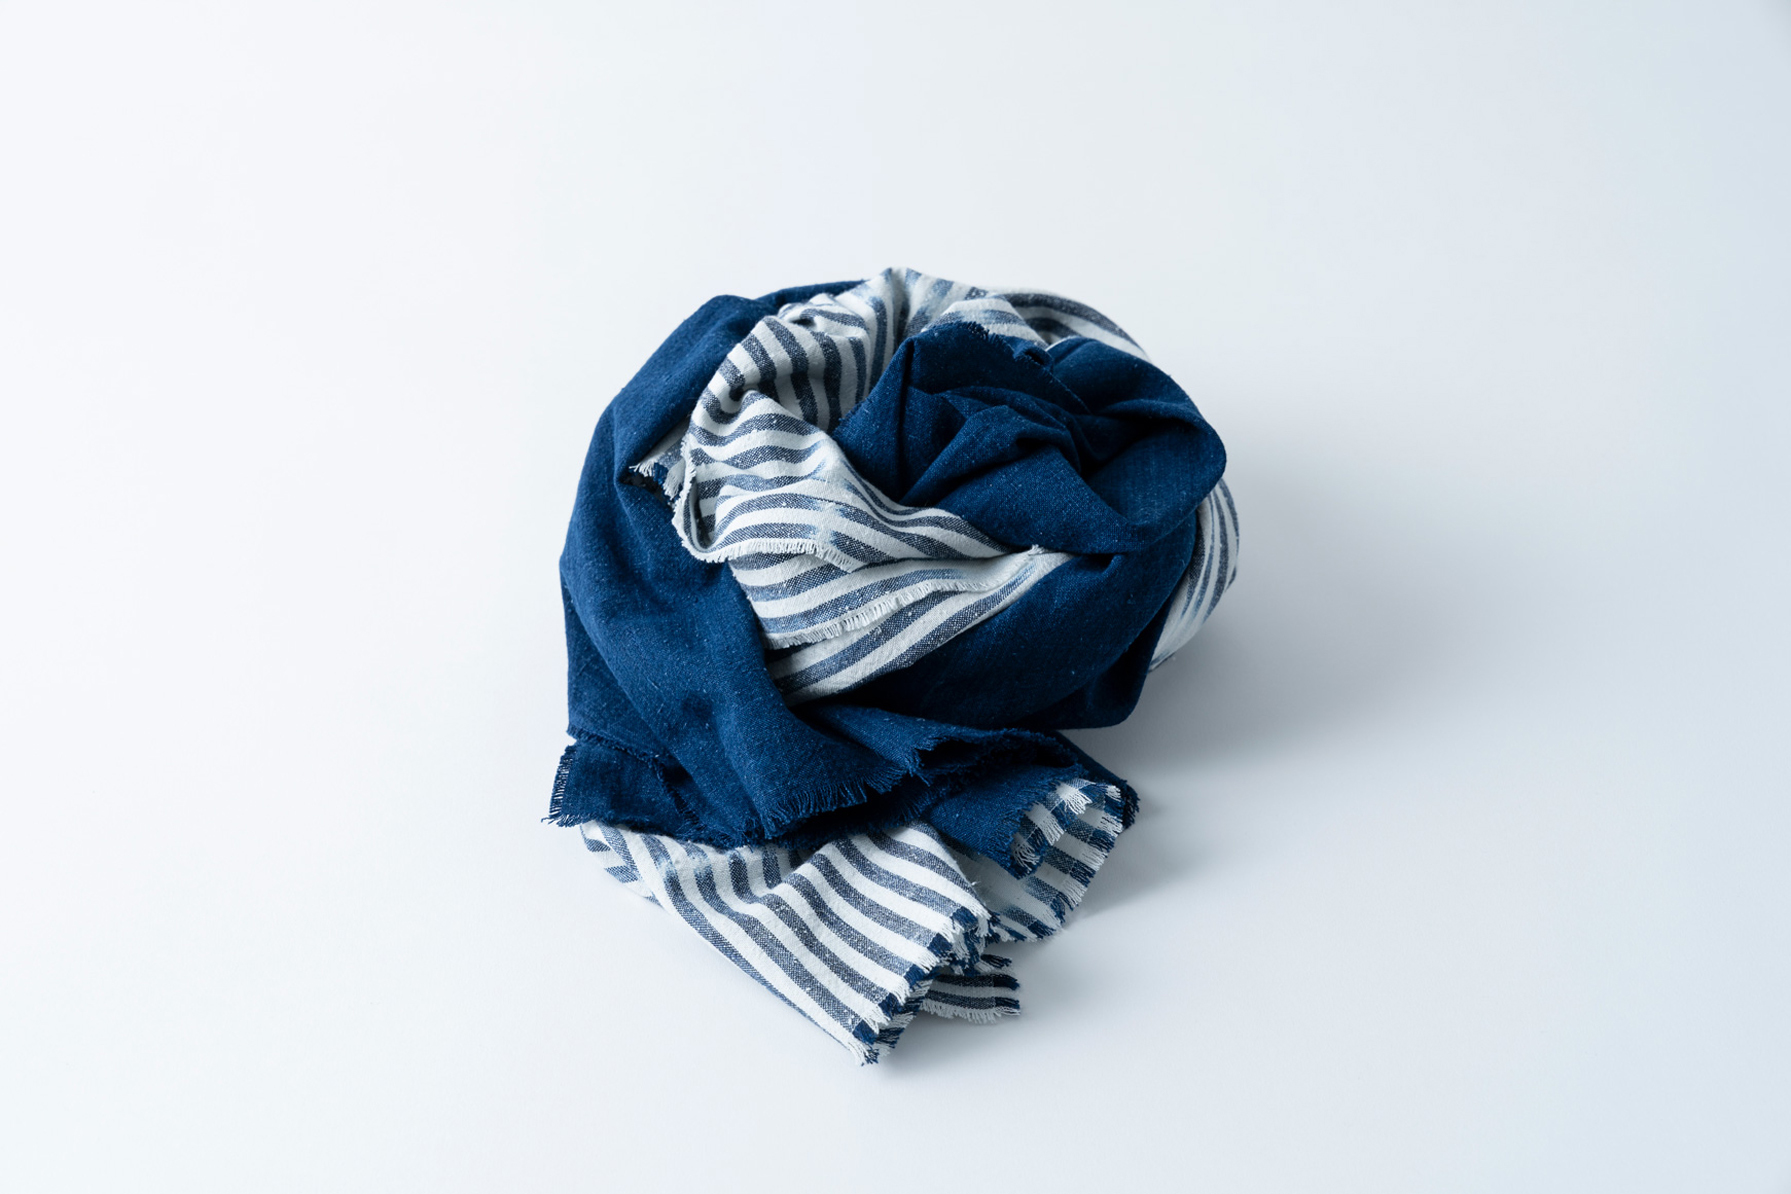 007. 白波 × 藍 - bicolour whitecaps | stole